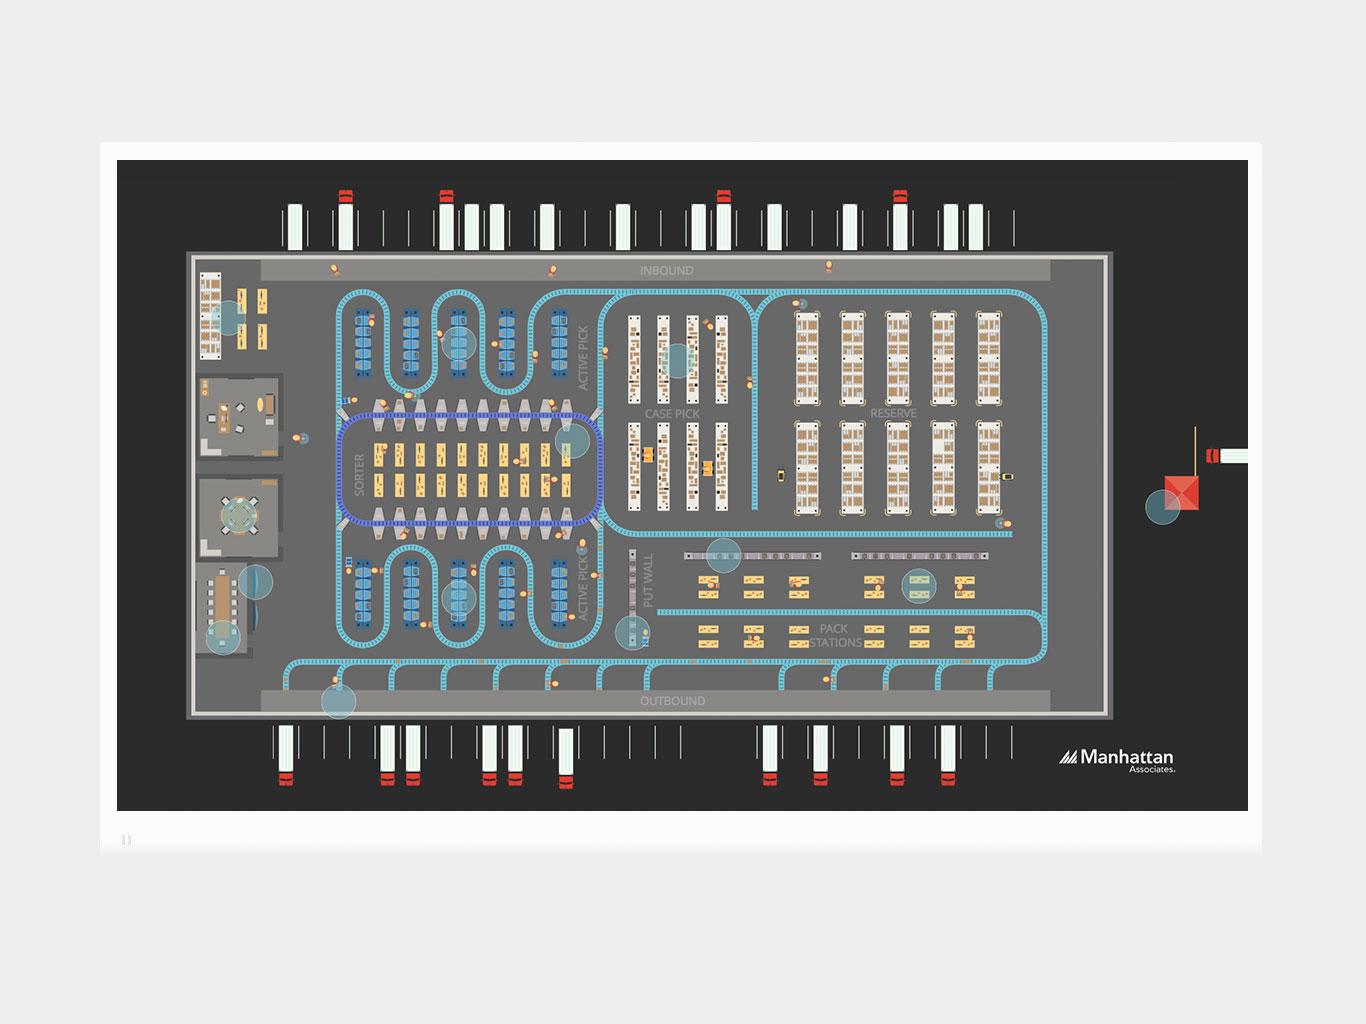 Manhattan Associates Warehouse Touch Board Design